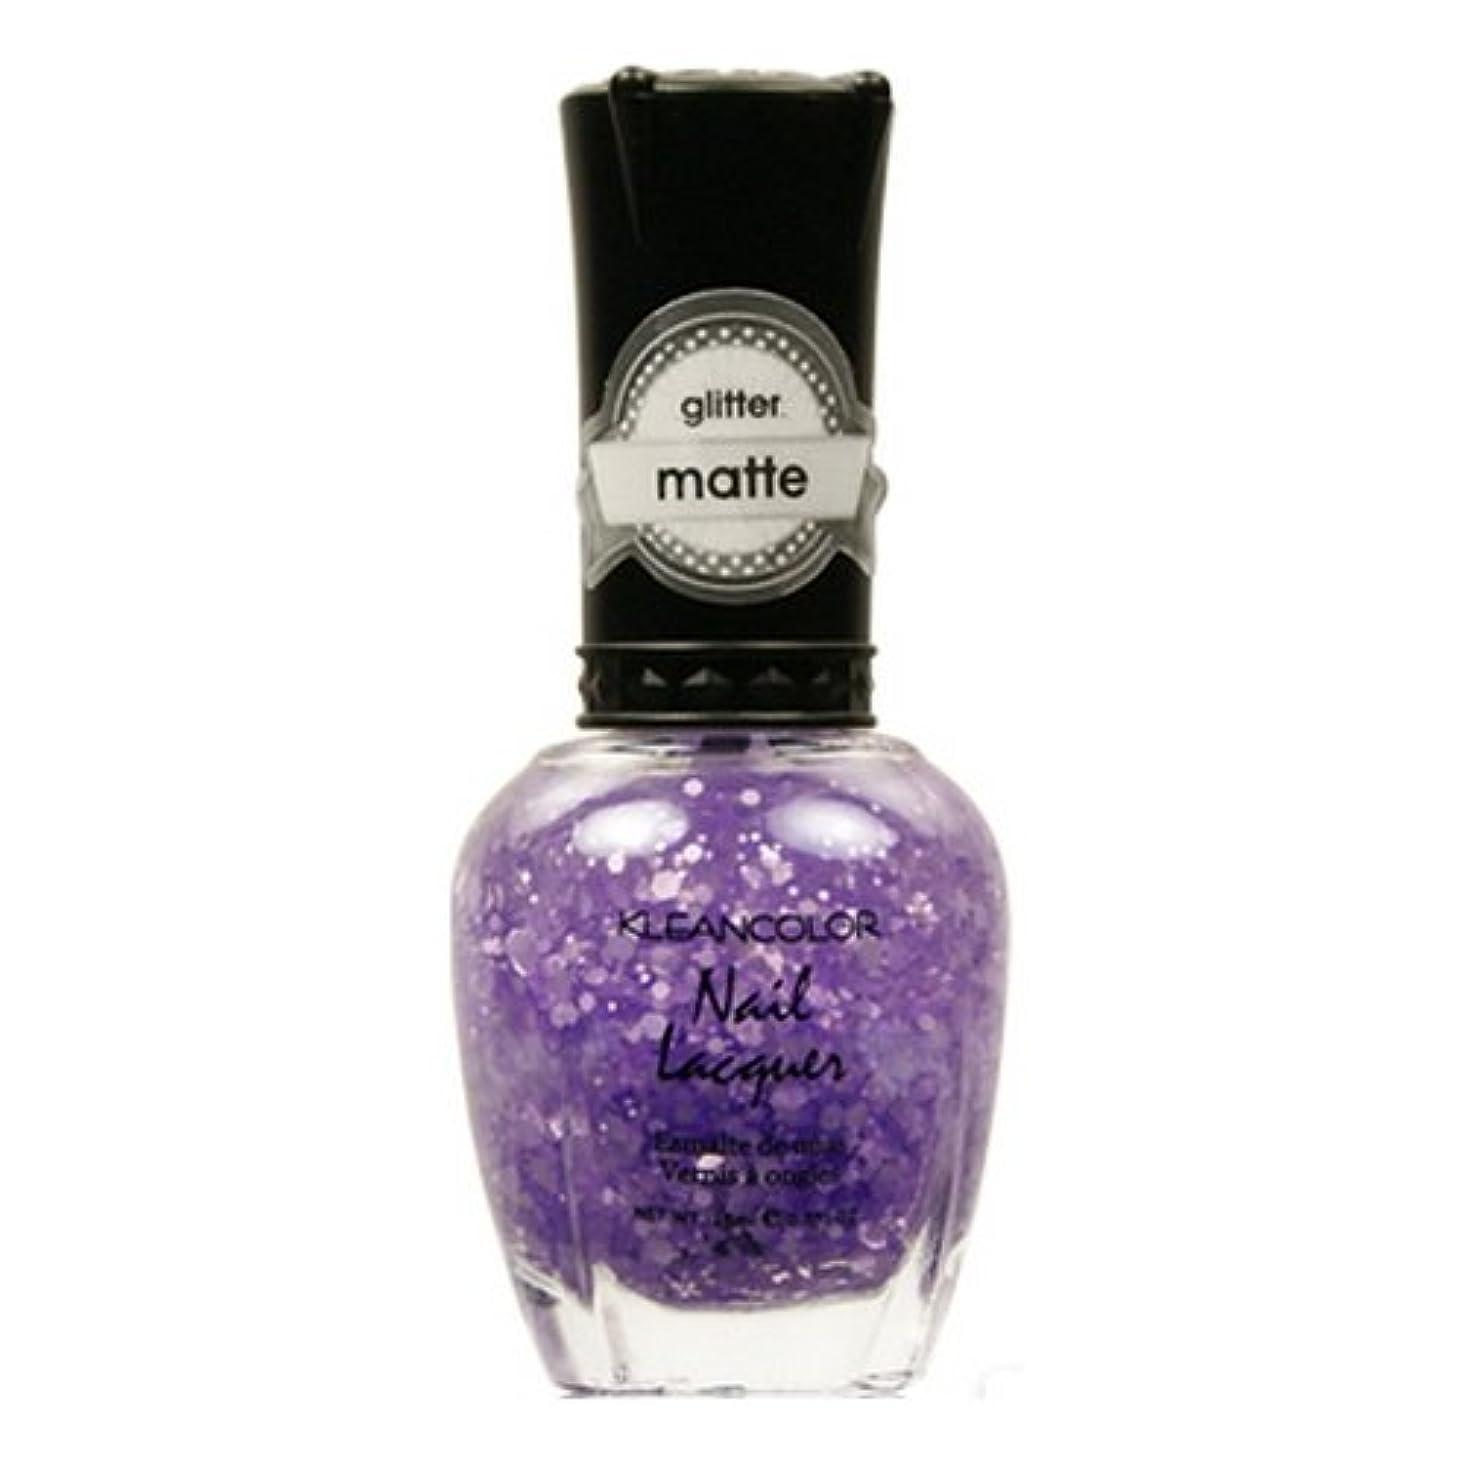 ペチュランスじゃがいも怪しい(3 Pack) KLEANCOLOR Glitter Matte Nail Lacquer - Playful Lavender (並行輸入品)